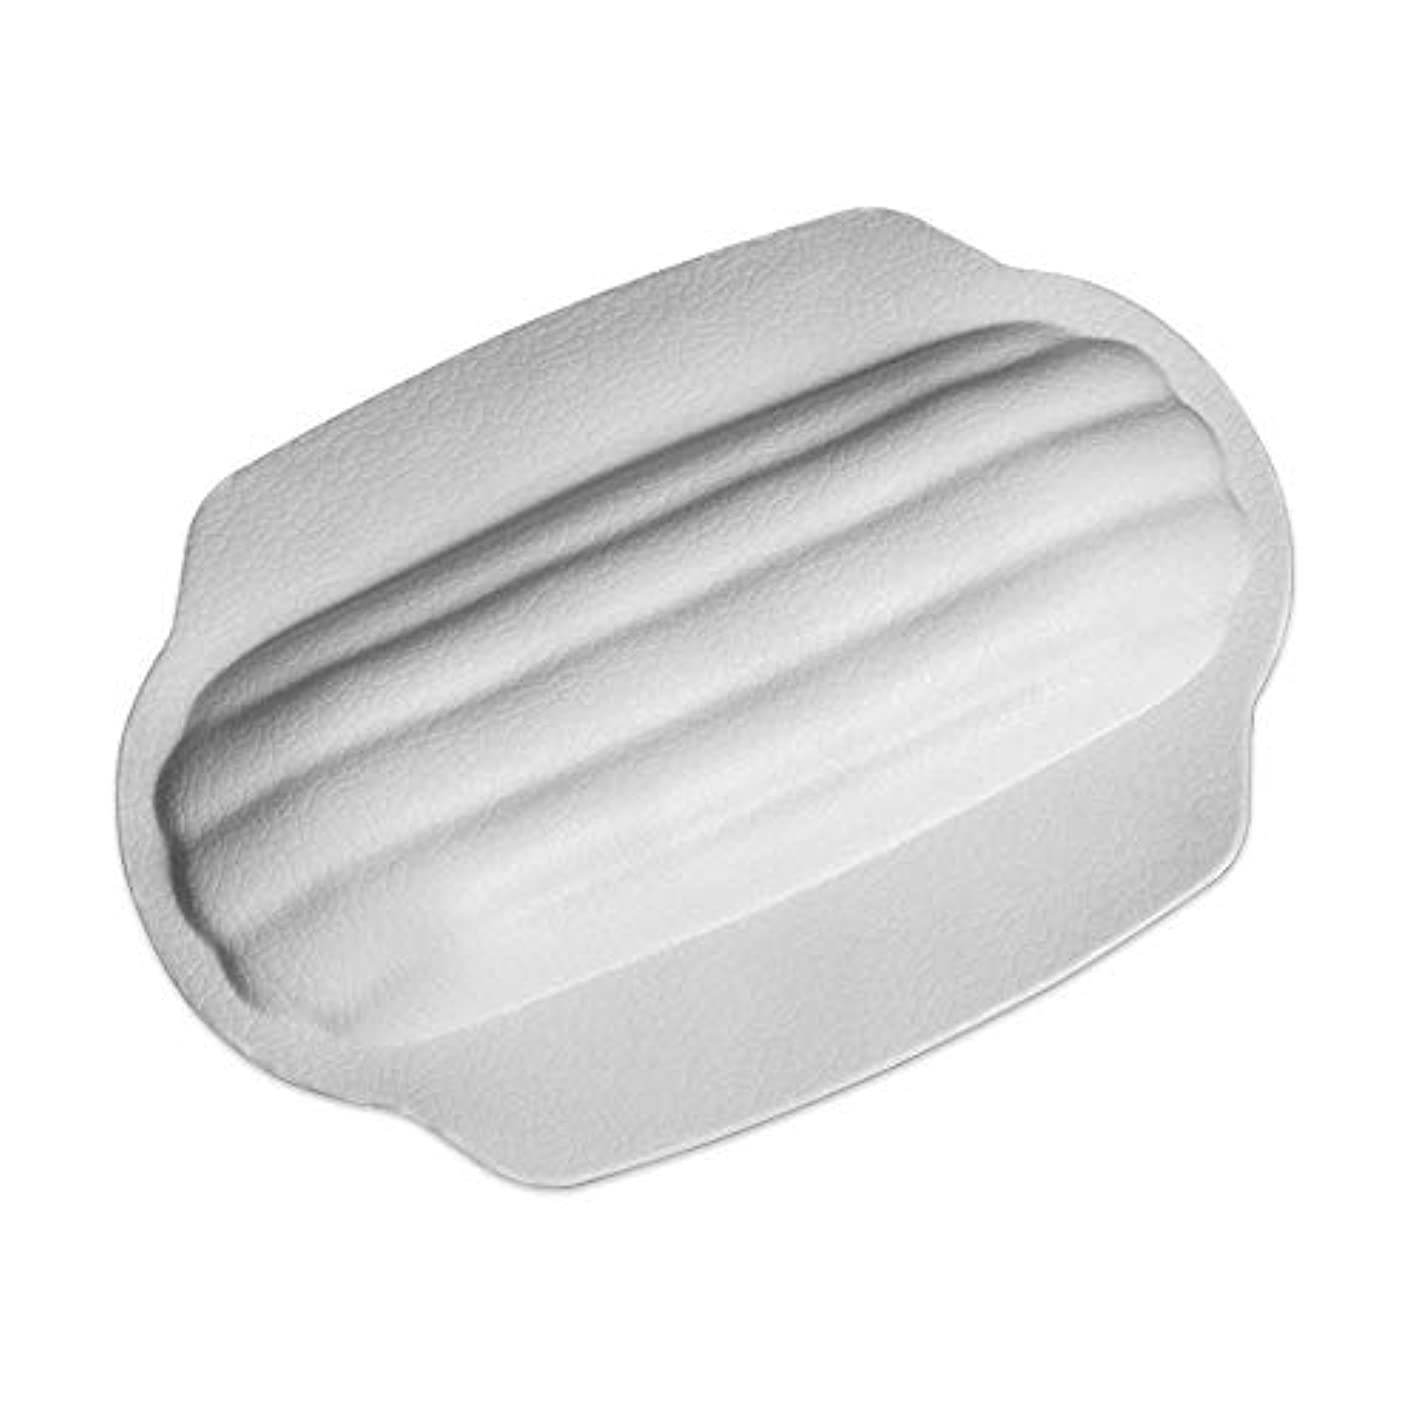 脱走ブラザー連隊サクションカップ付き防水滑り止めスパ枕厚めユニバーサルバスタブ枕バスタブと抗菌性